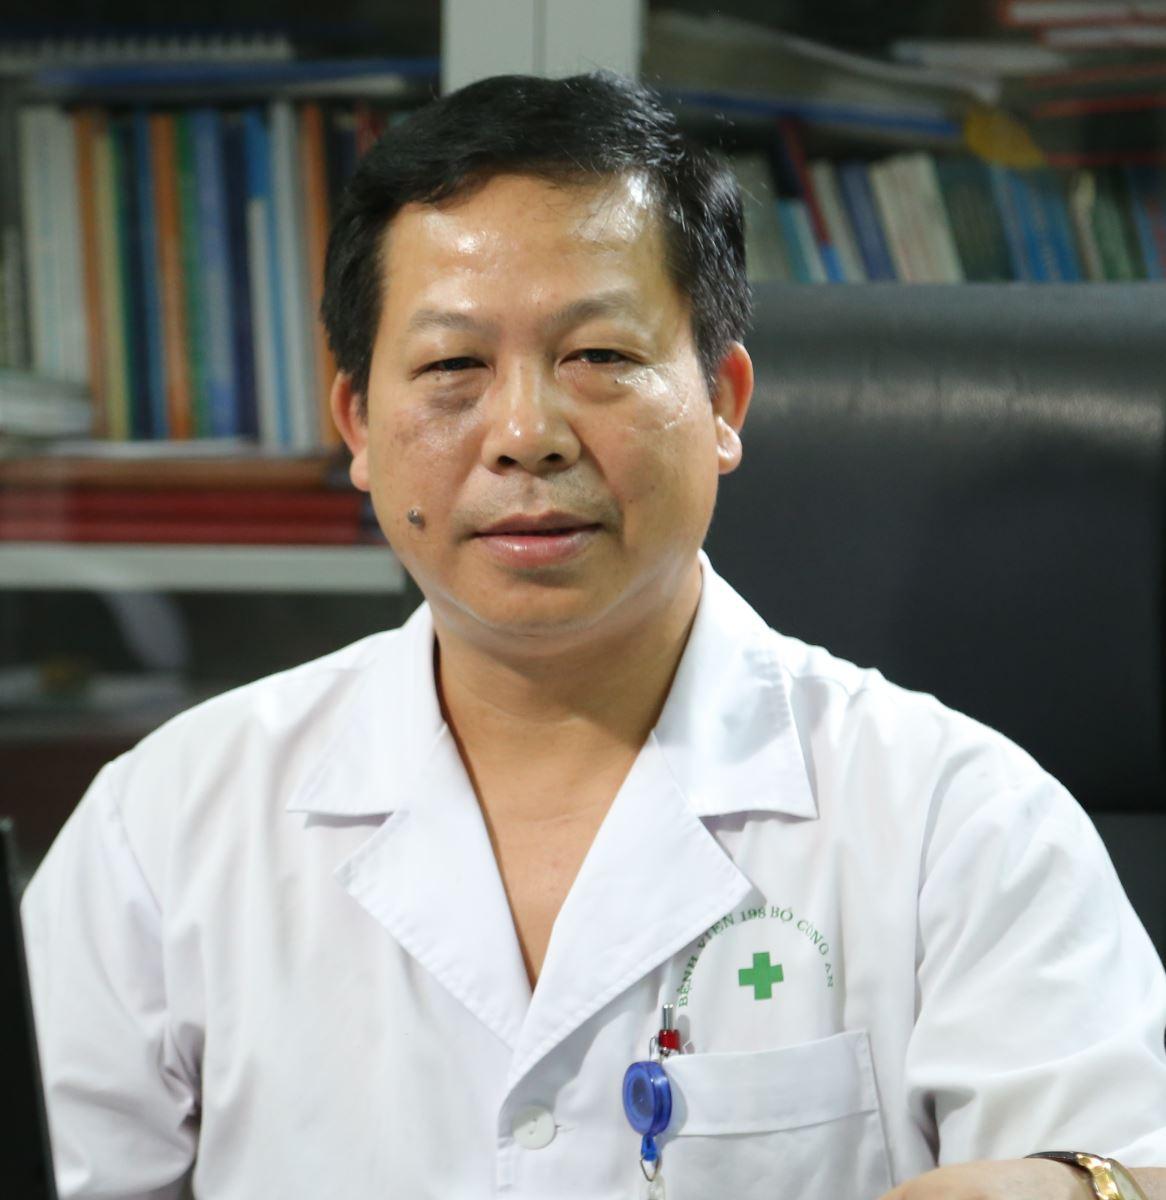 Vũ Hải Nam